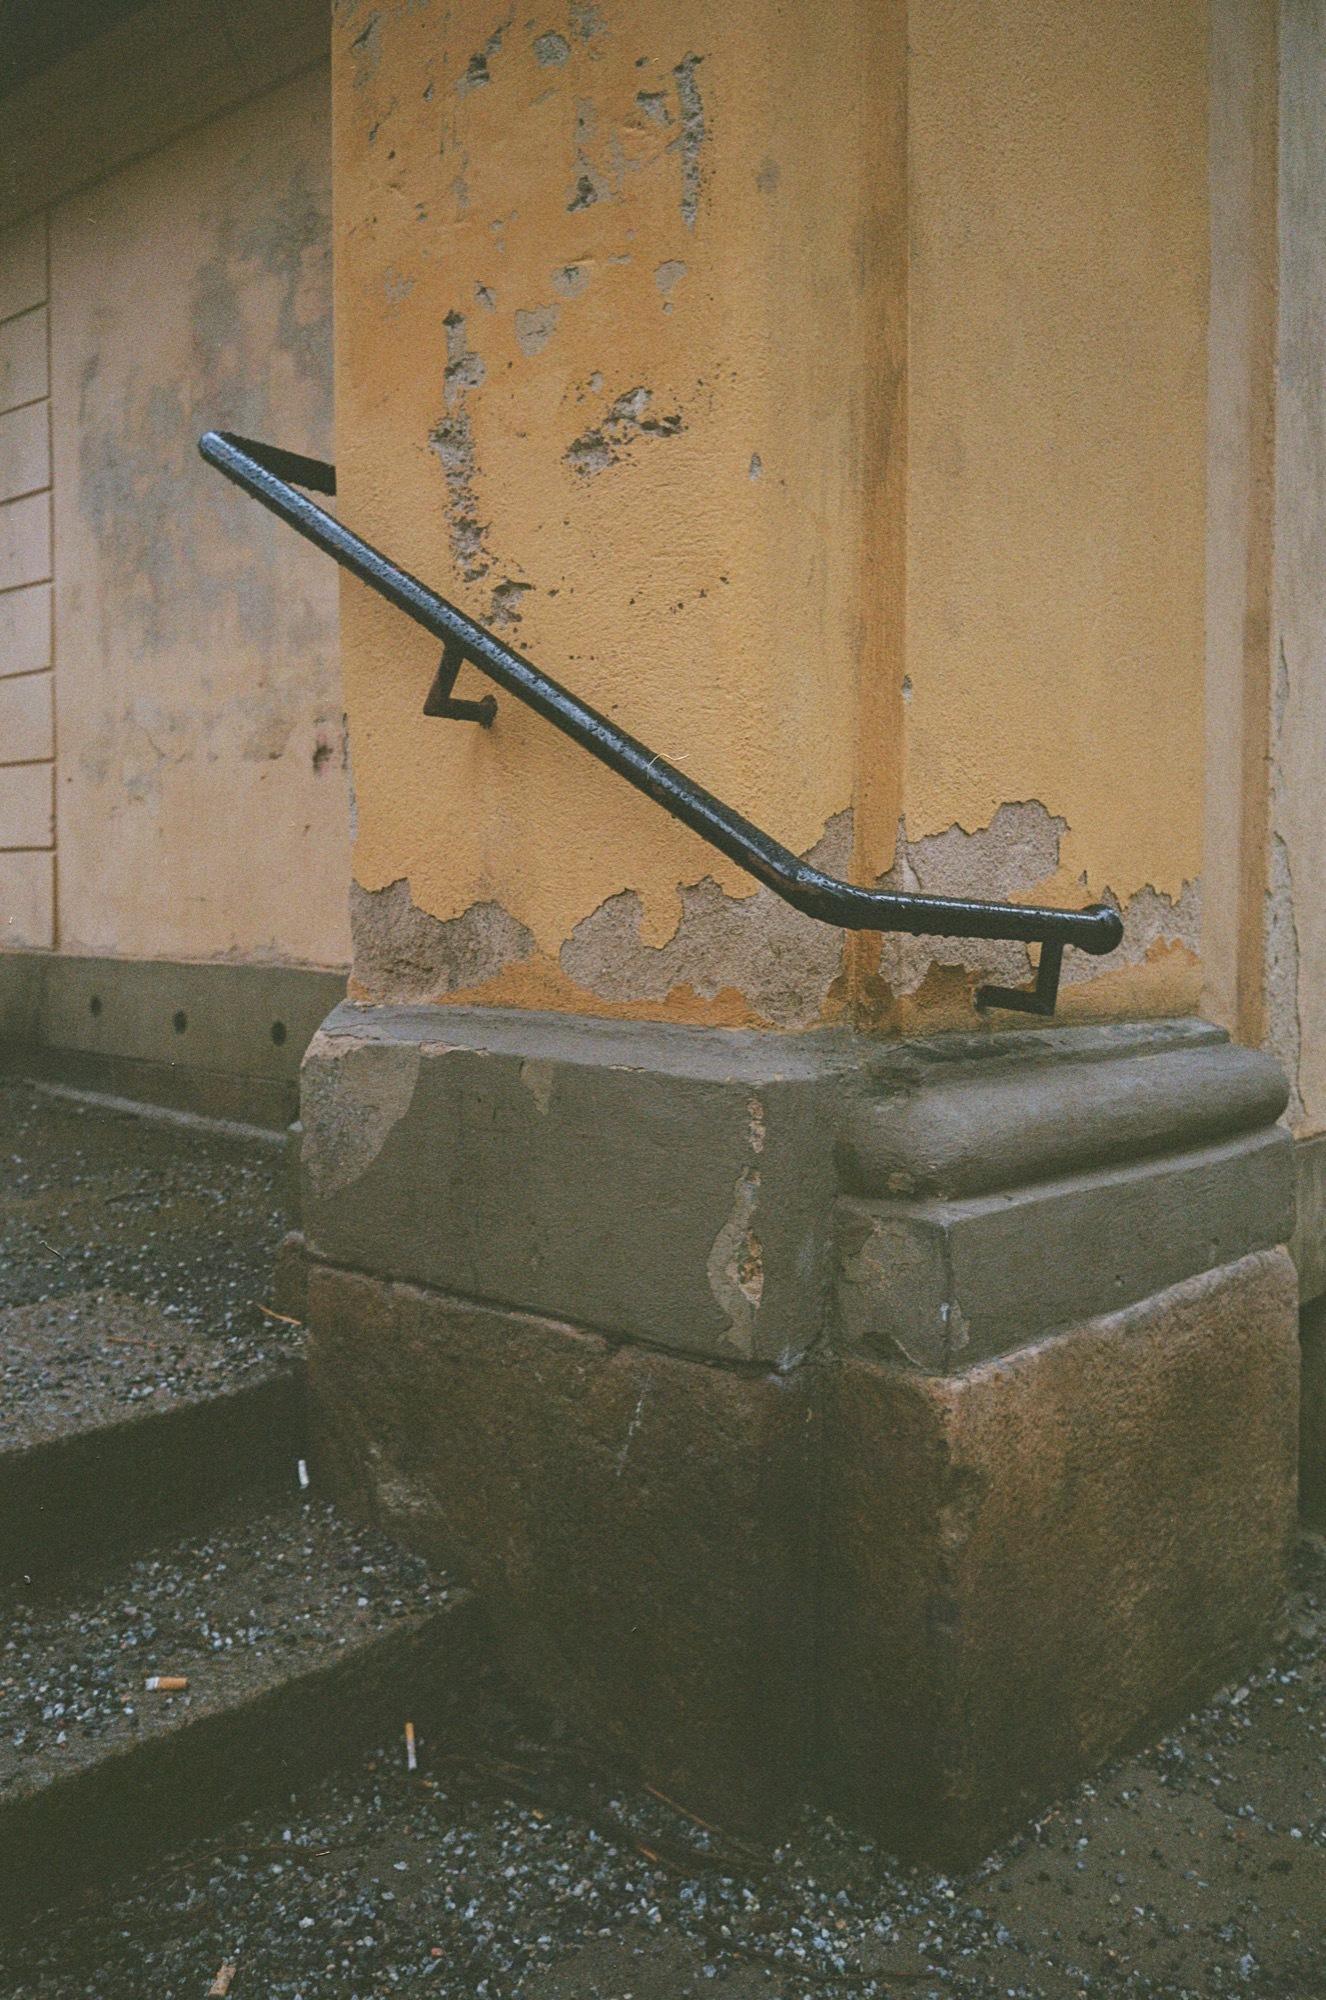 cameraville_leica_mda_stockholm_avenon_28mm_kodak_gold_400_27.jpg